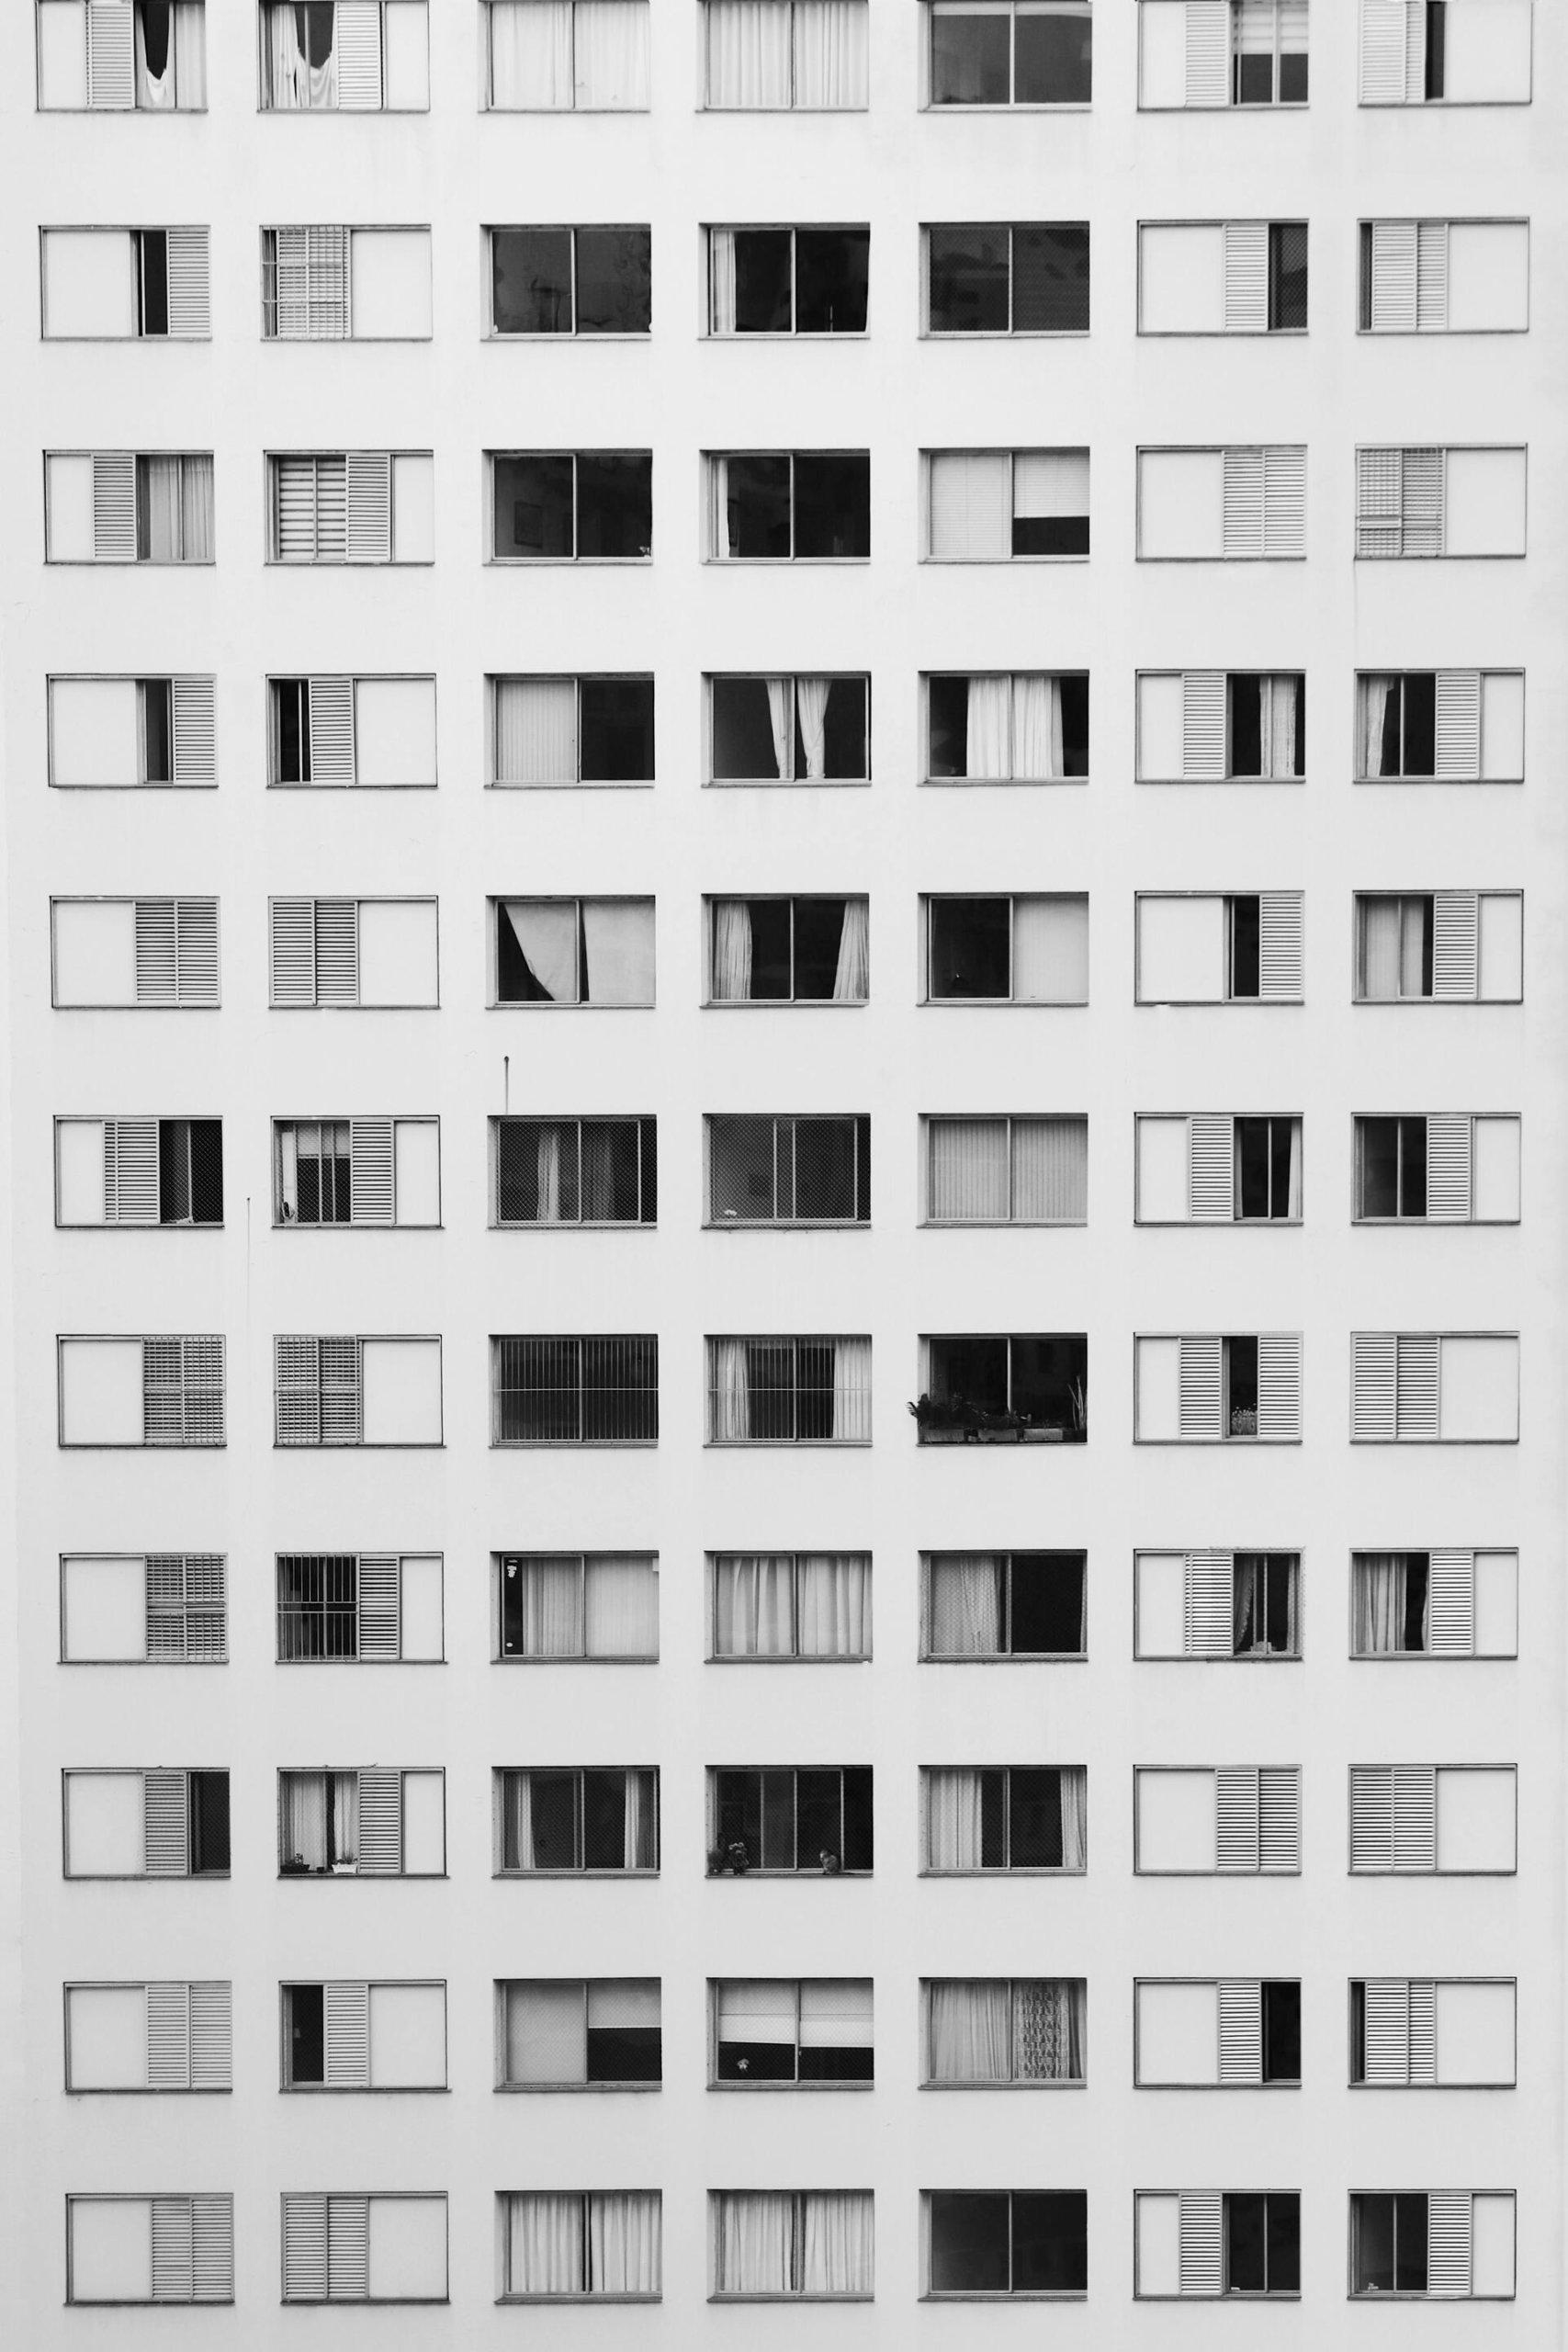 Repensando la vivienda - obranuevaenmalaga